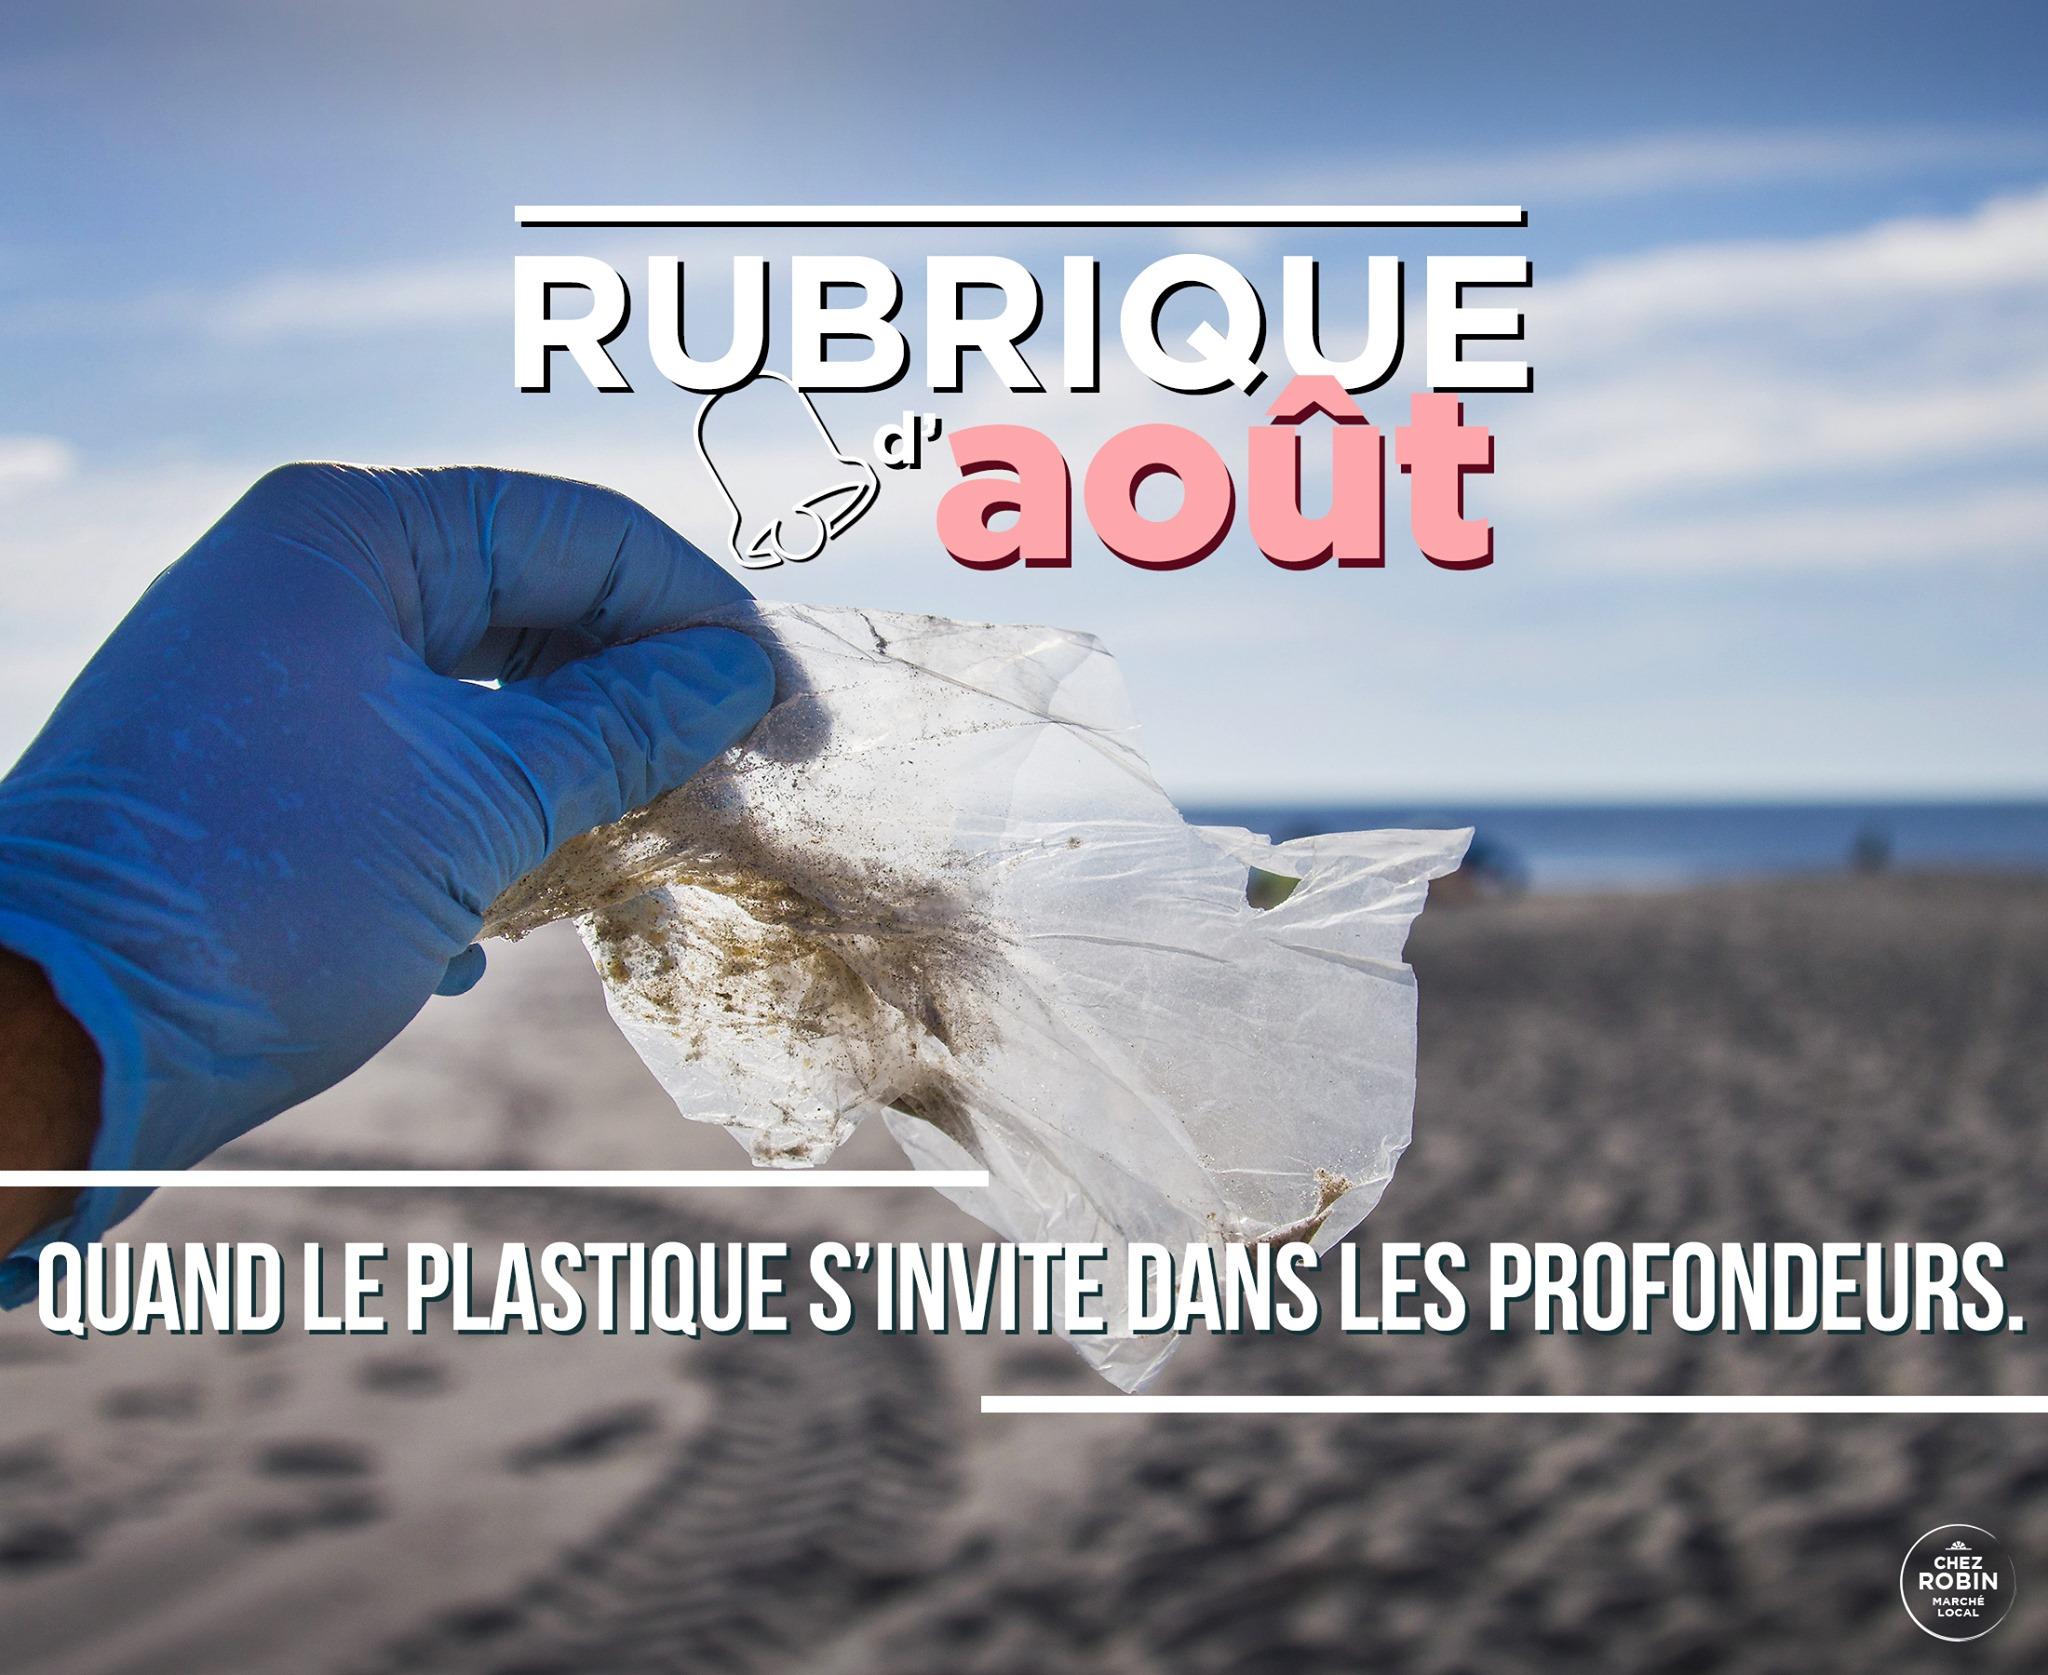 Quand le plastique s'invite dans les profondeurs marines